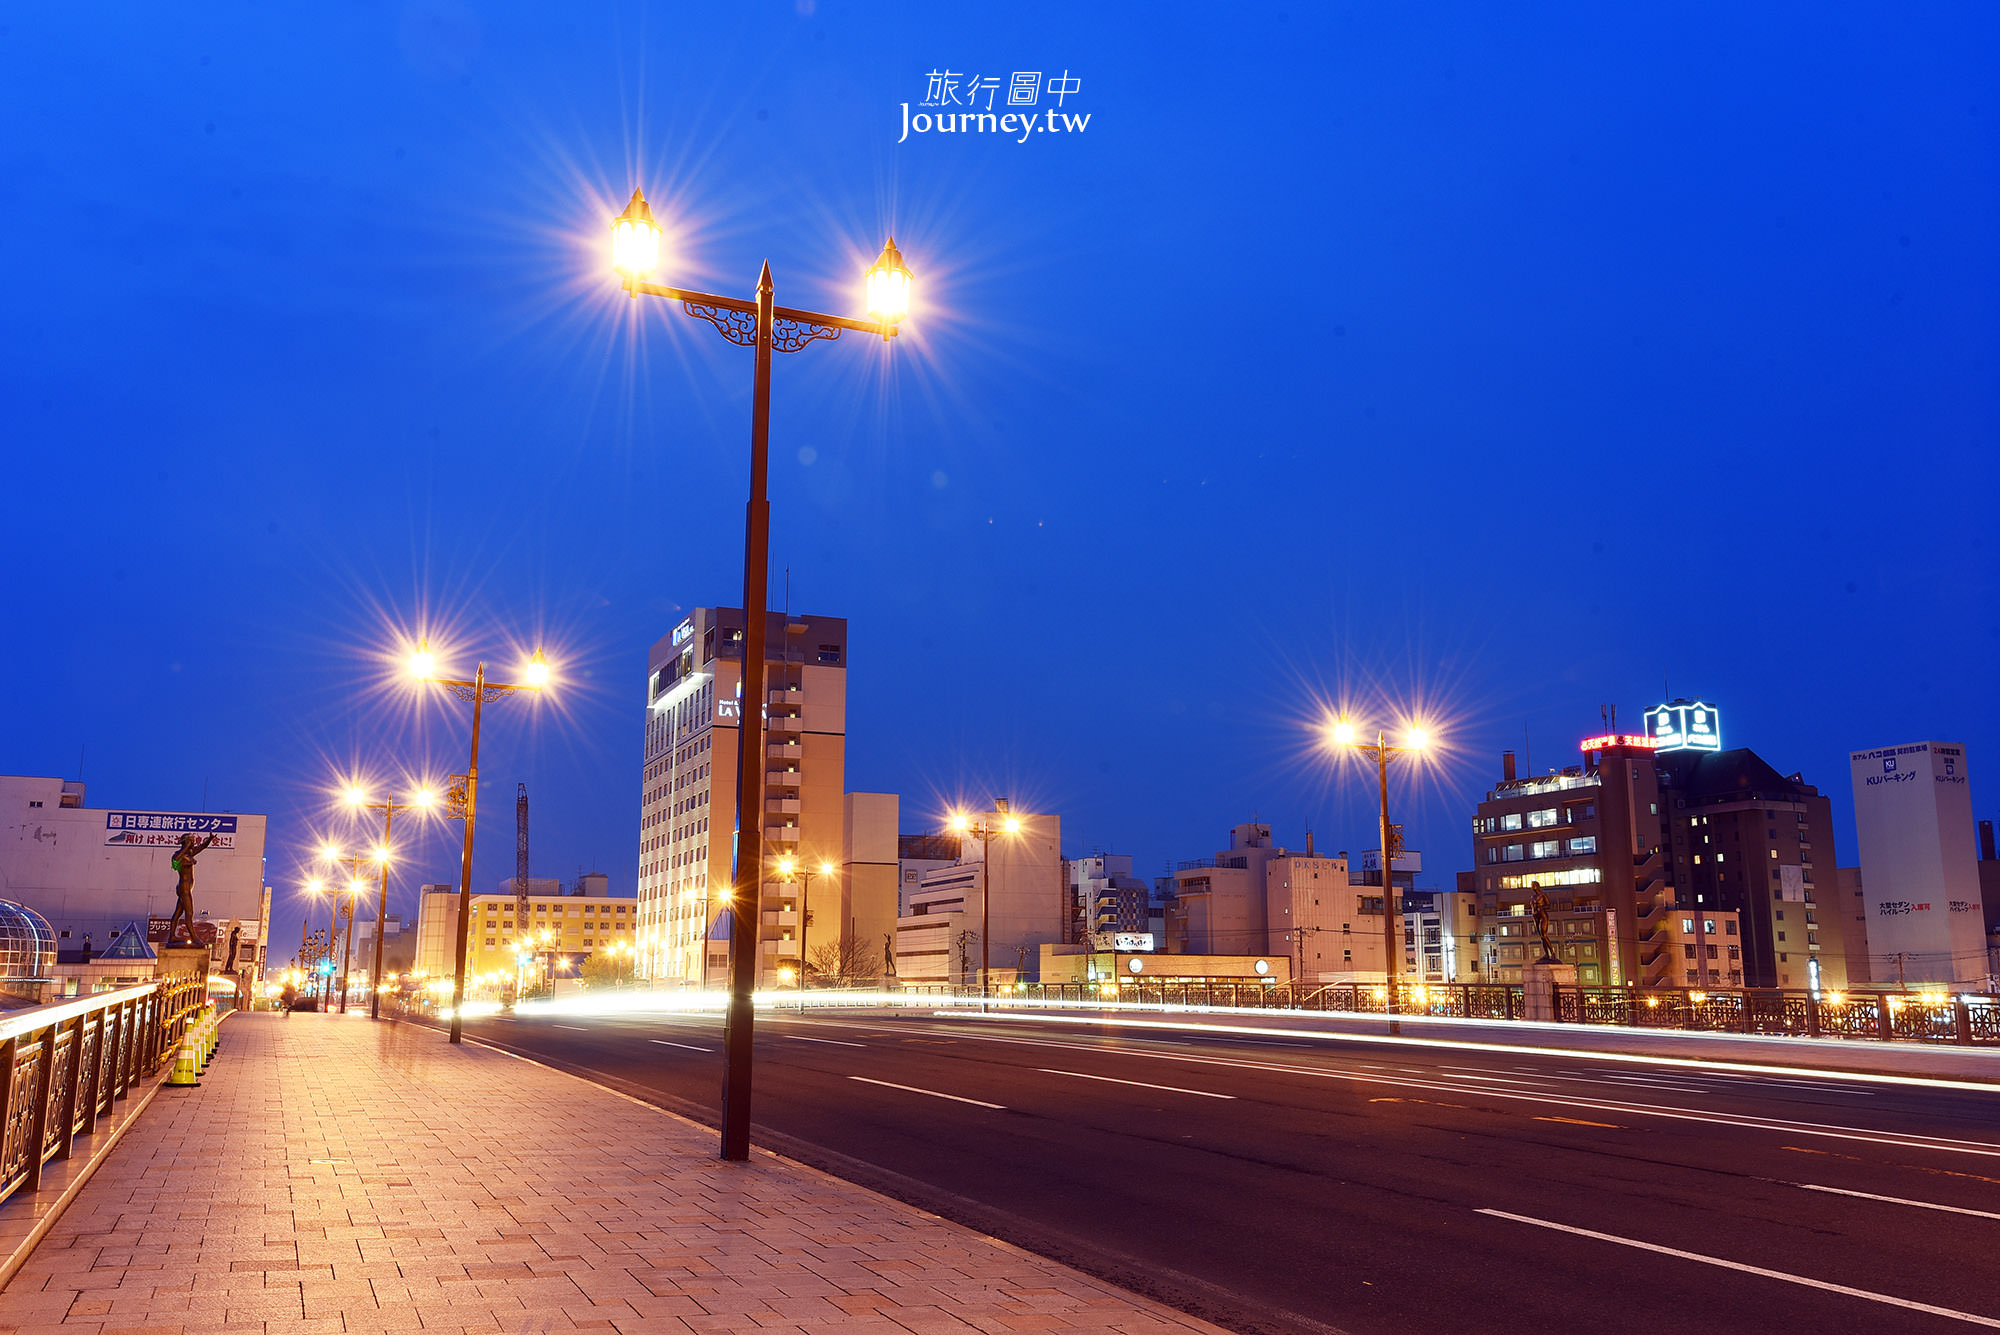 日本,北海道,釧路,幣舞橋,北海道三大名橋,世界三大夕陽